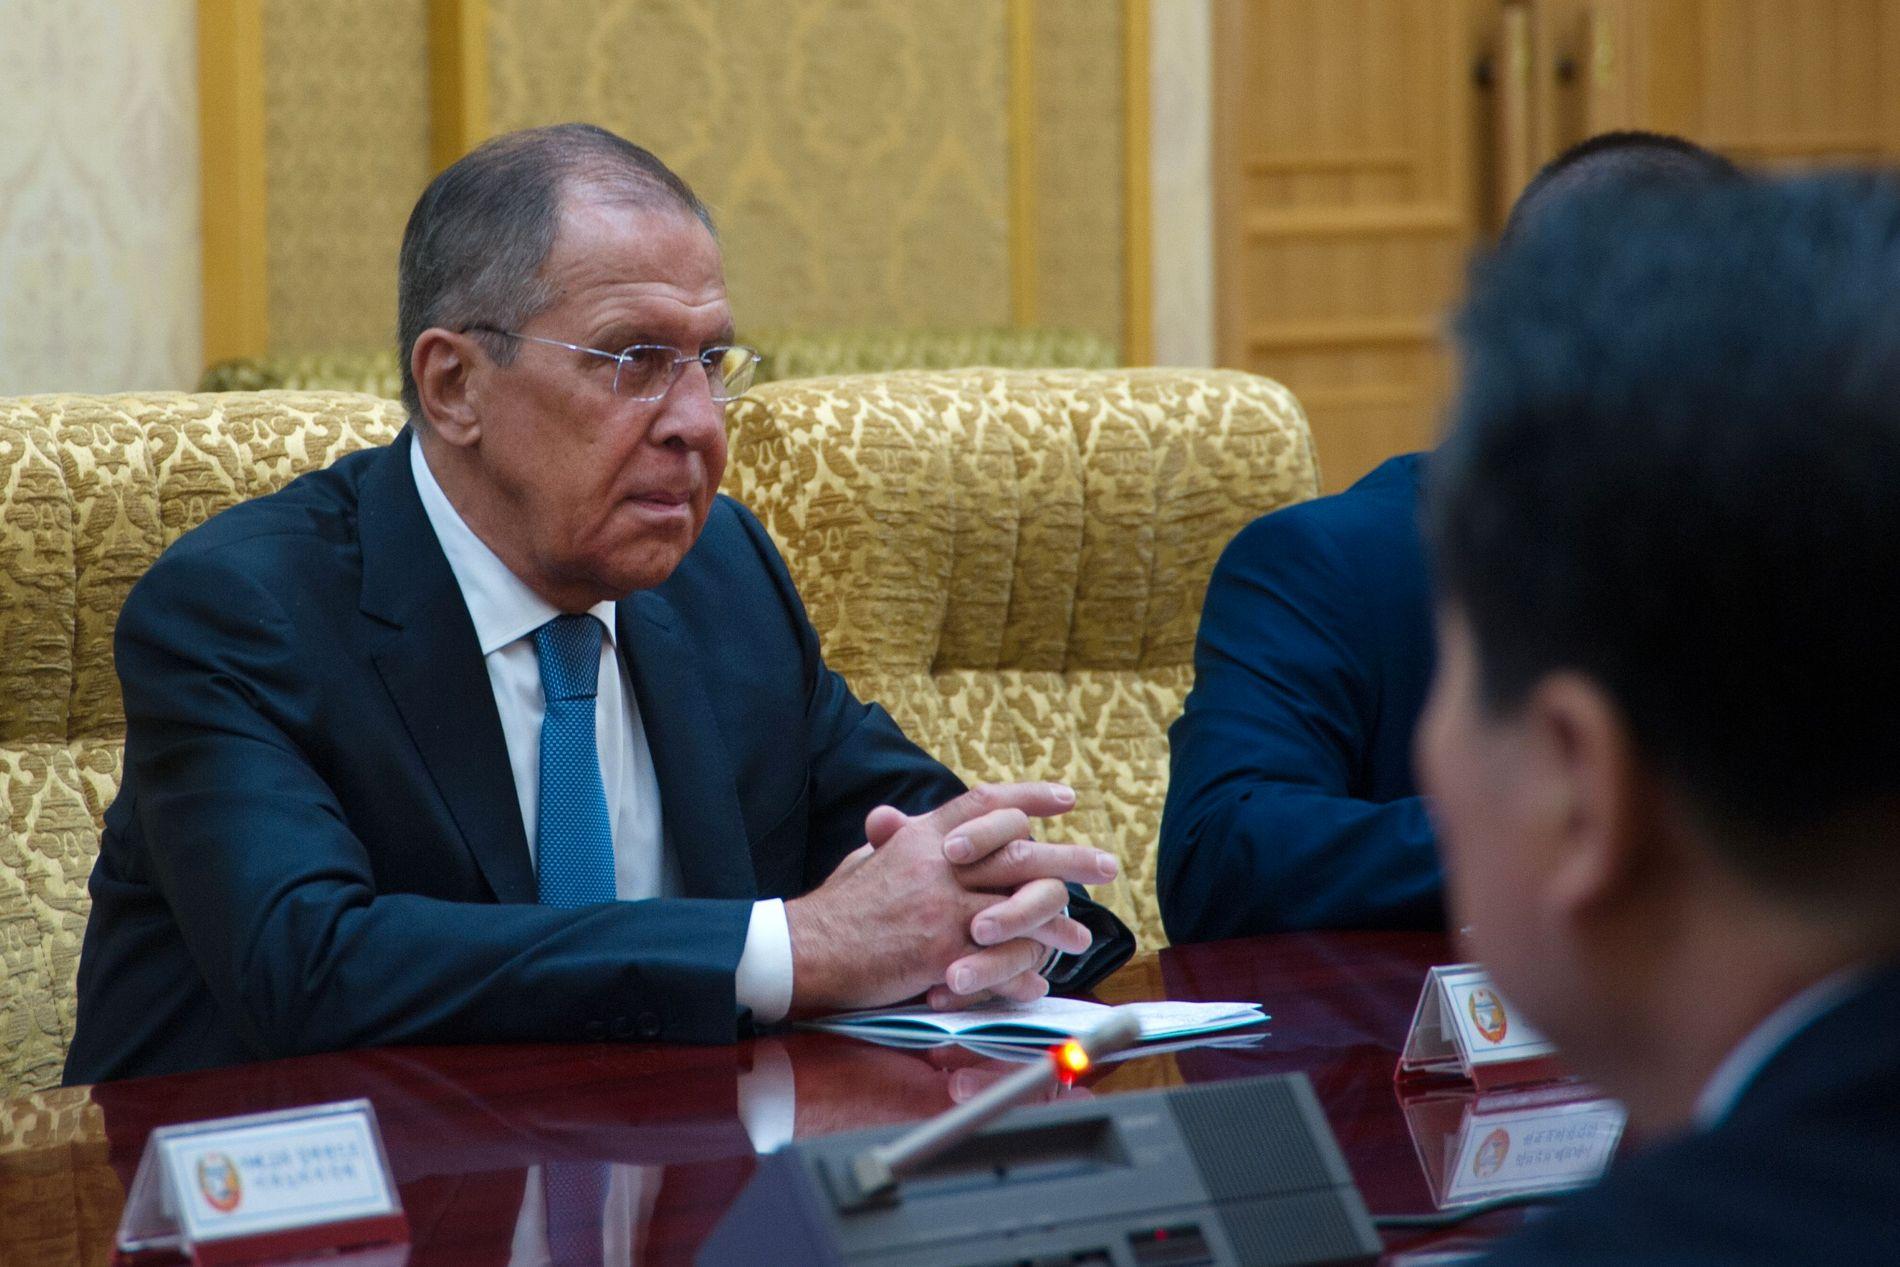 TOPPMØTE: Russlands utenriksminister Sergej Lavrov i samtale med sin nordkoreanske motpart Ri Yong-ho.